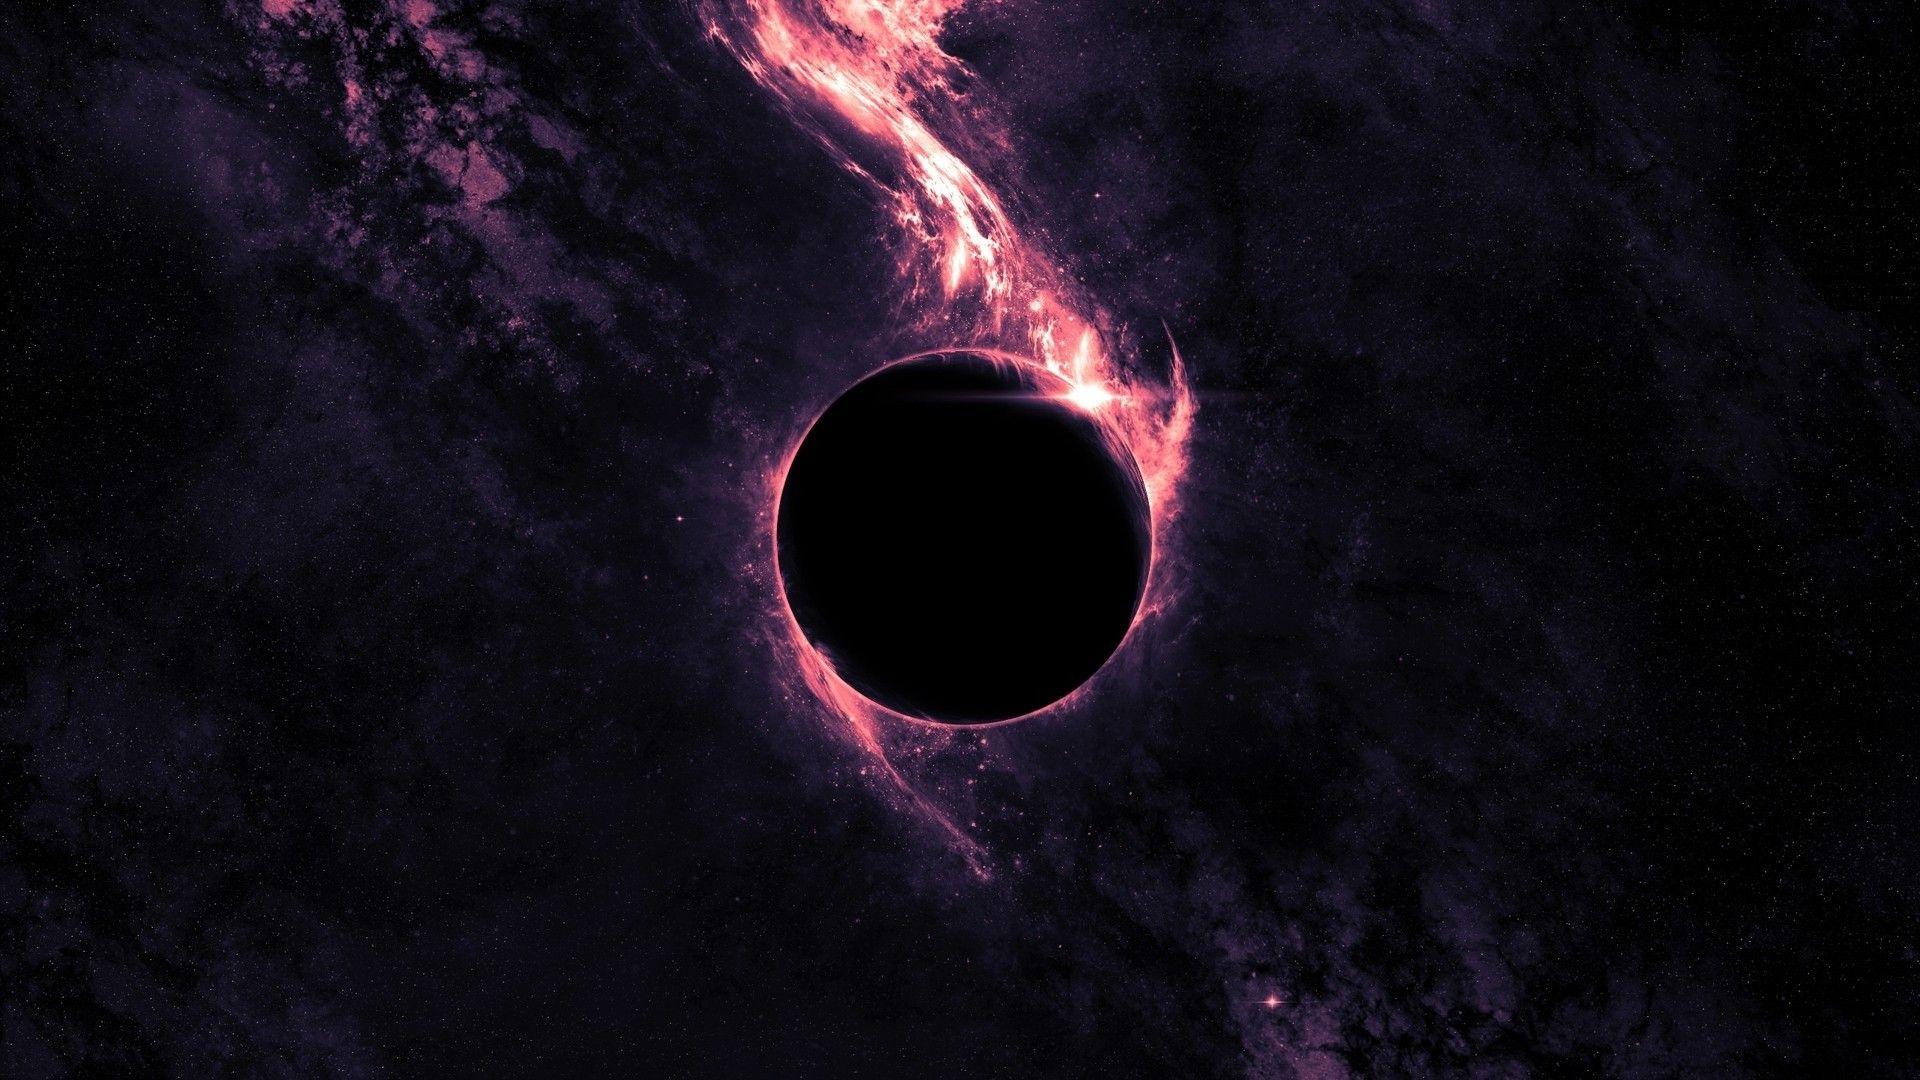 Image Result For Dark Purple Desktop Background Black Hole Wallpaper Dark Purple Wallpaper Black Hole